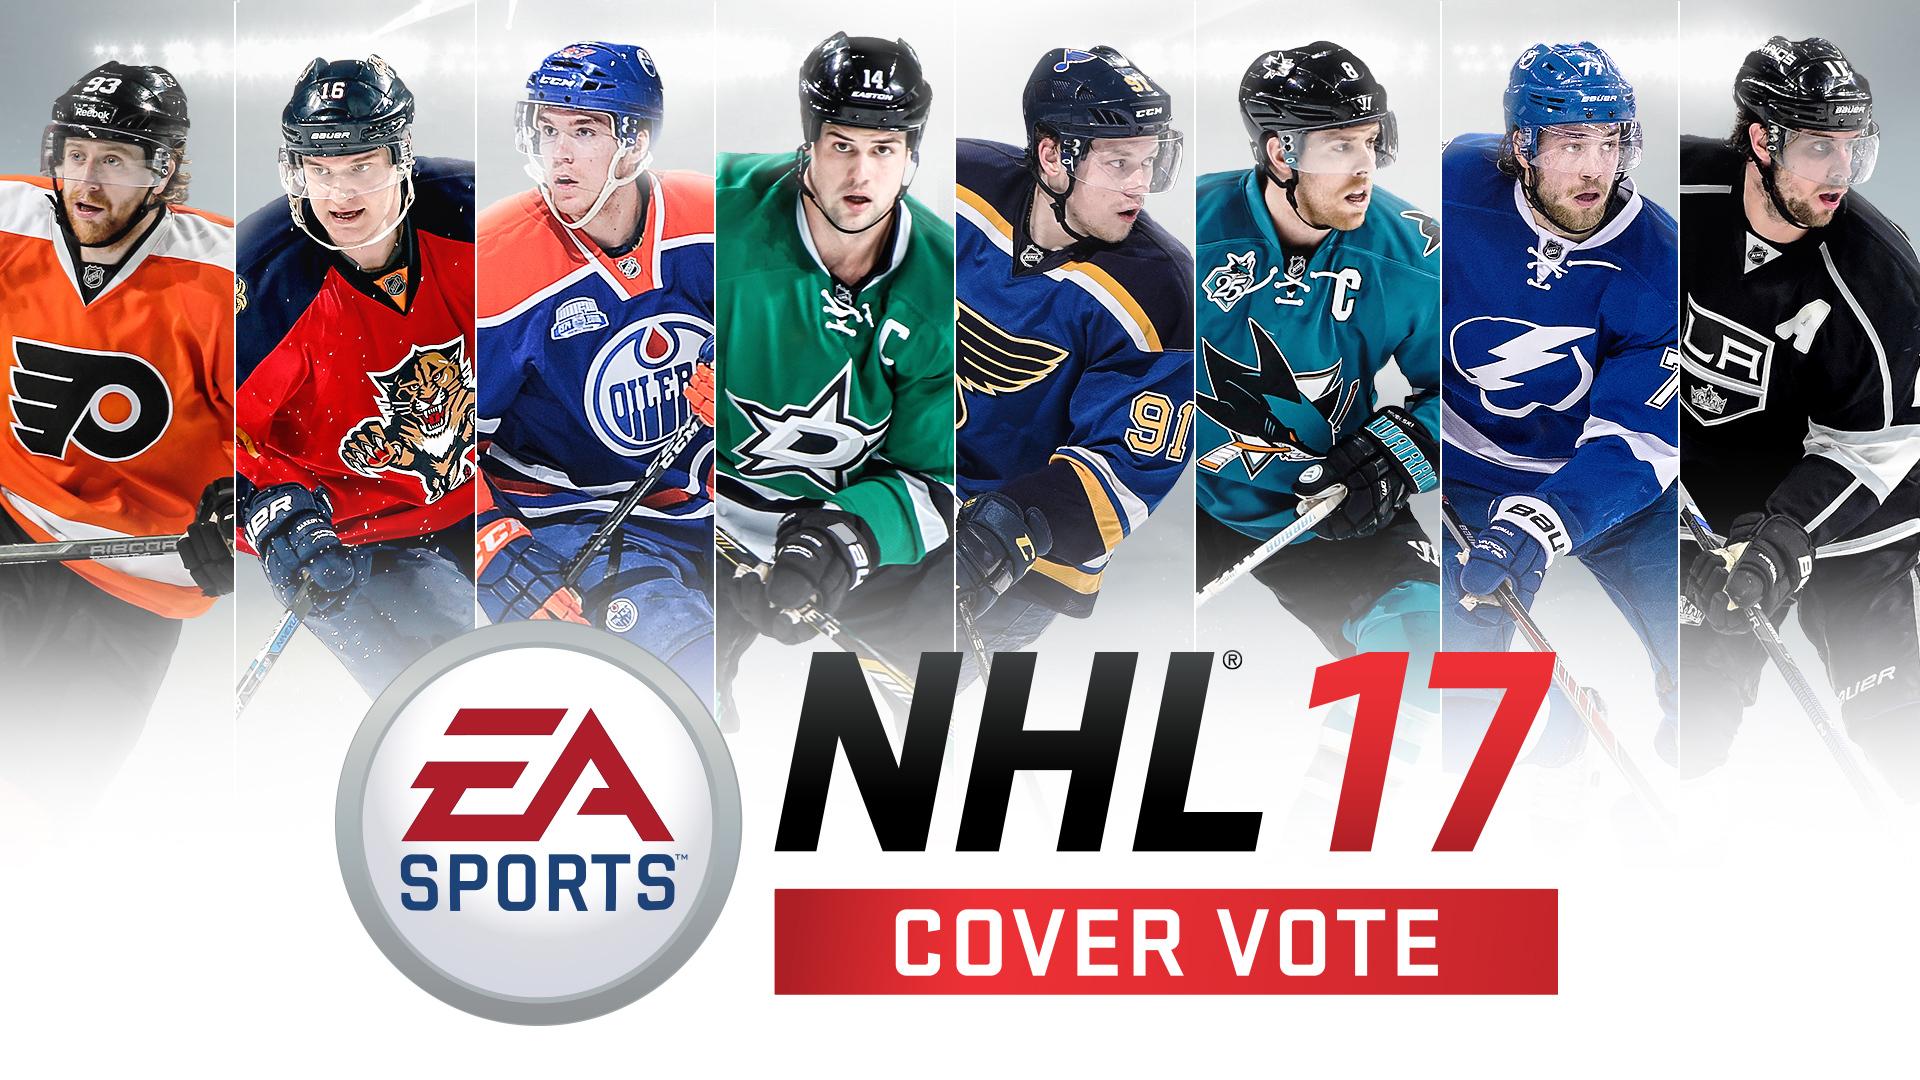 ea sports nhl 17 cover vote begins today that videogame blog. Black Bedroom Furniture Sets. Home Design Ideas